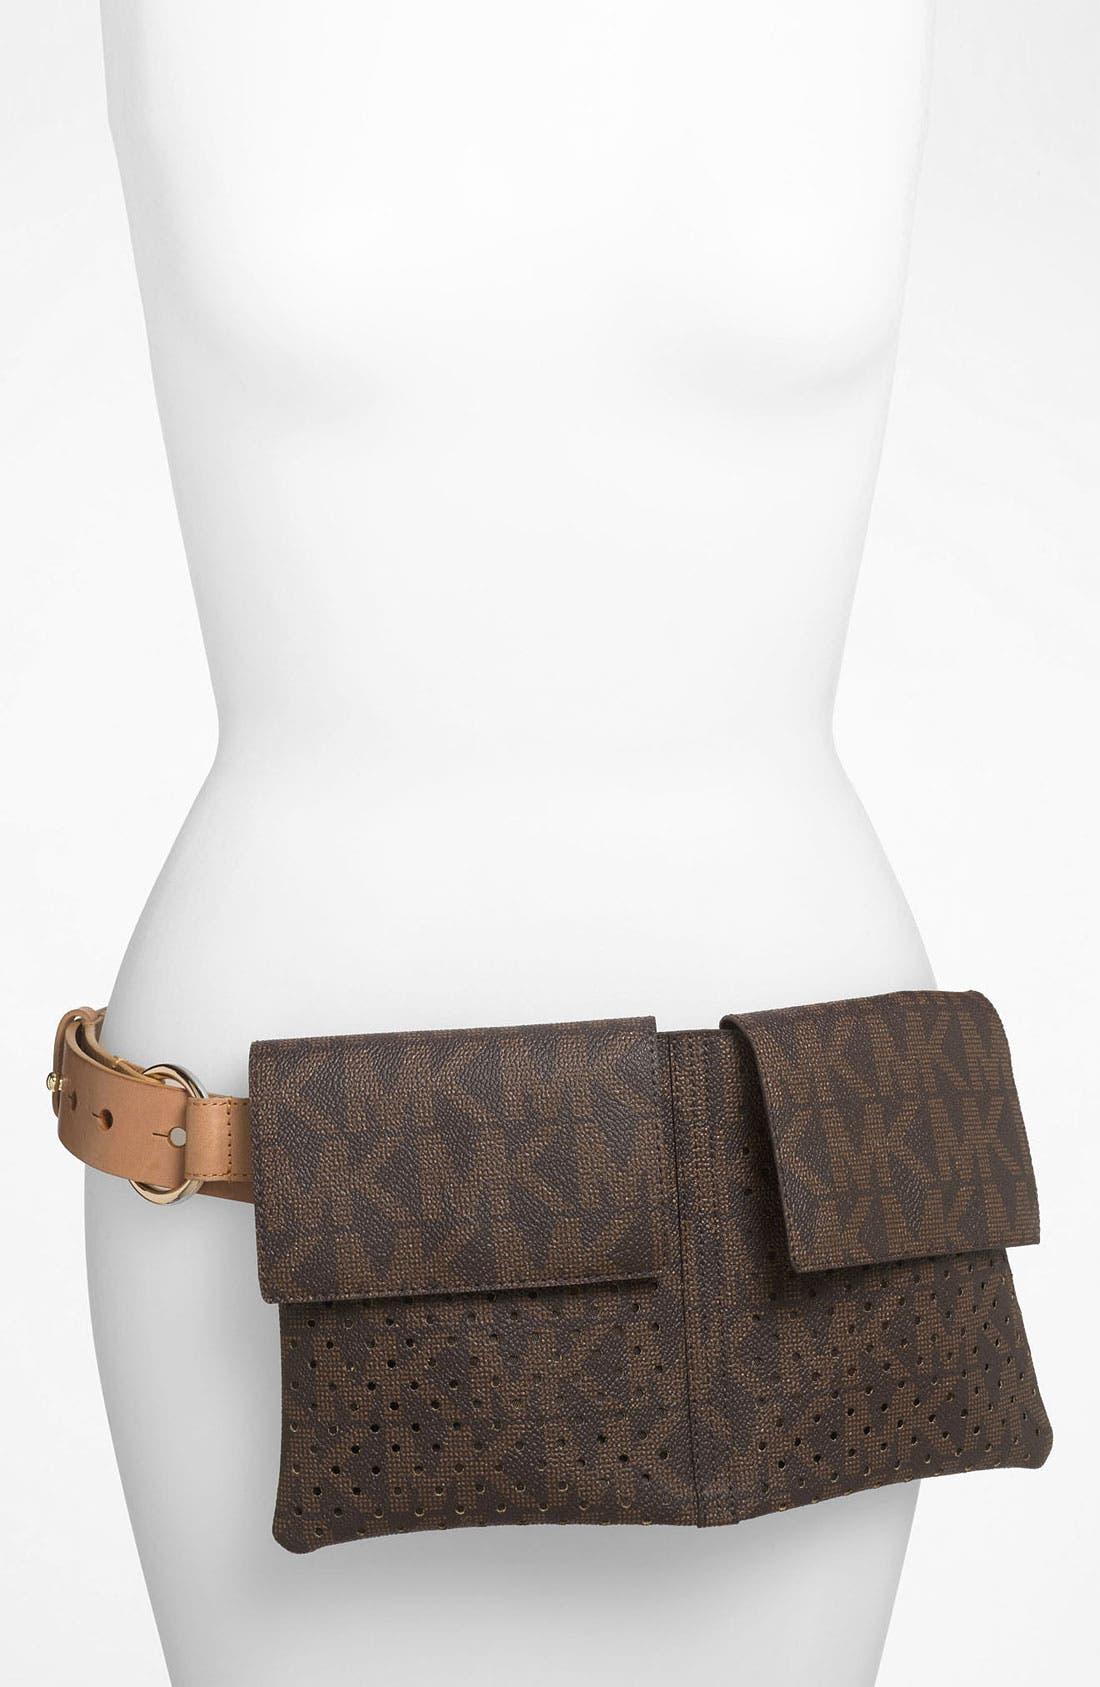 Alternate Image 1 Selected - MICHAEL Michael Kors Perforated Belt Bag